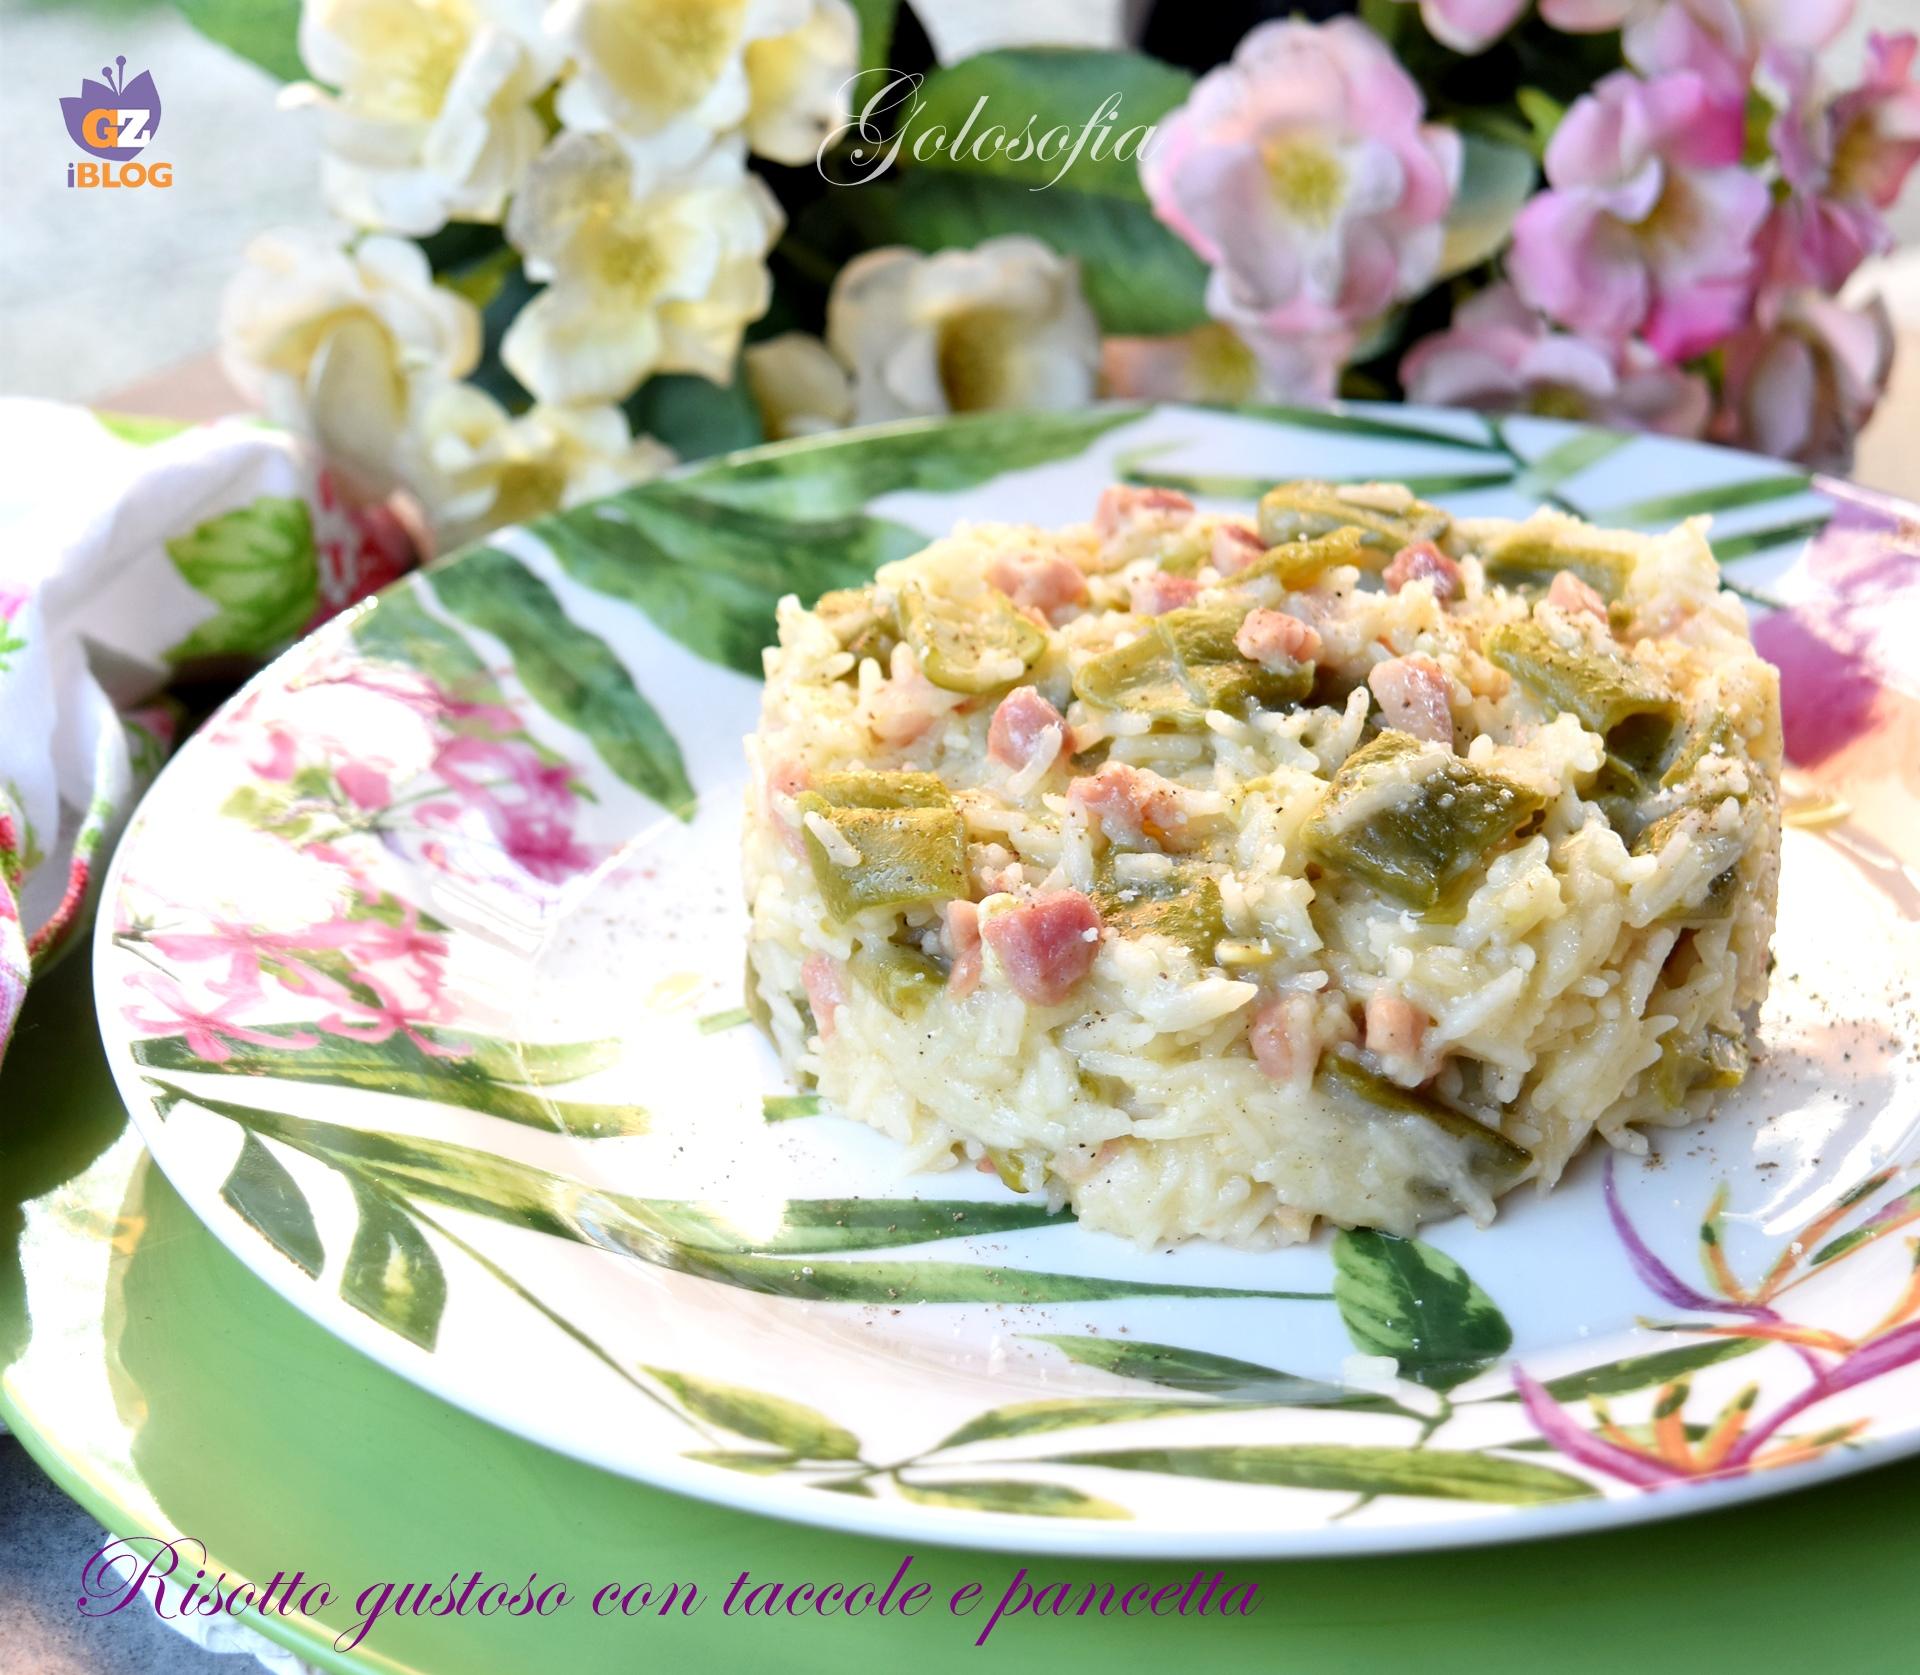 Risotto gustoso con taccole e pancetta-ricetta primi-golosofia